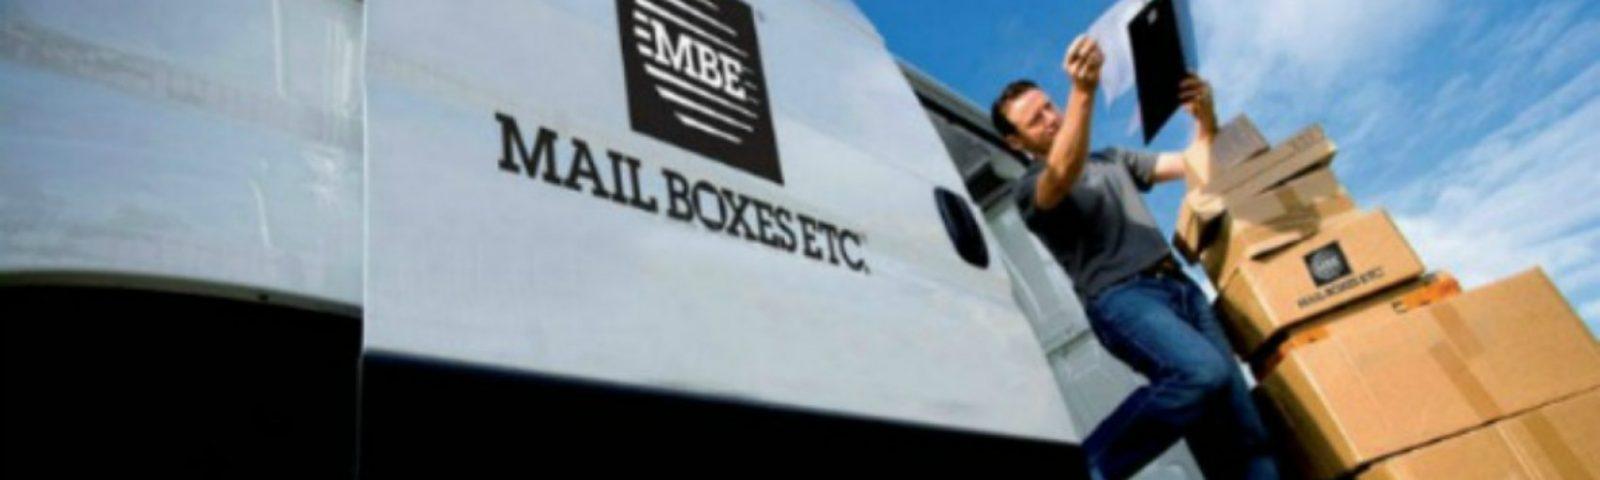 Mail Boxes Etc. quer abrir 15 unidades em Portugal